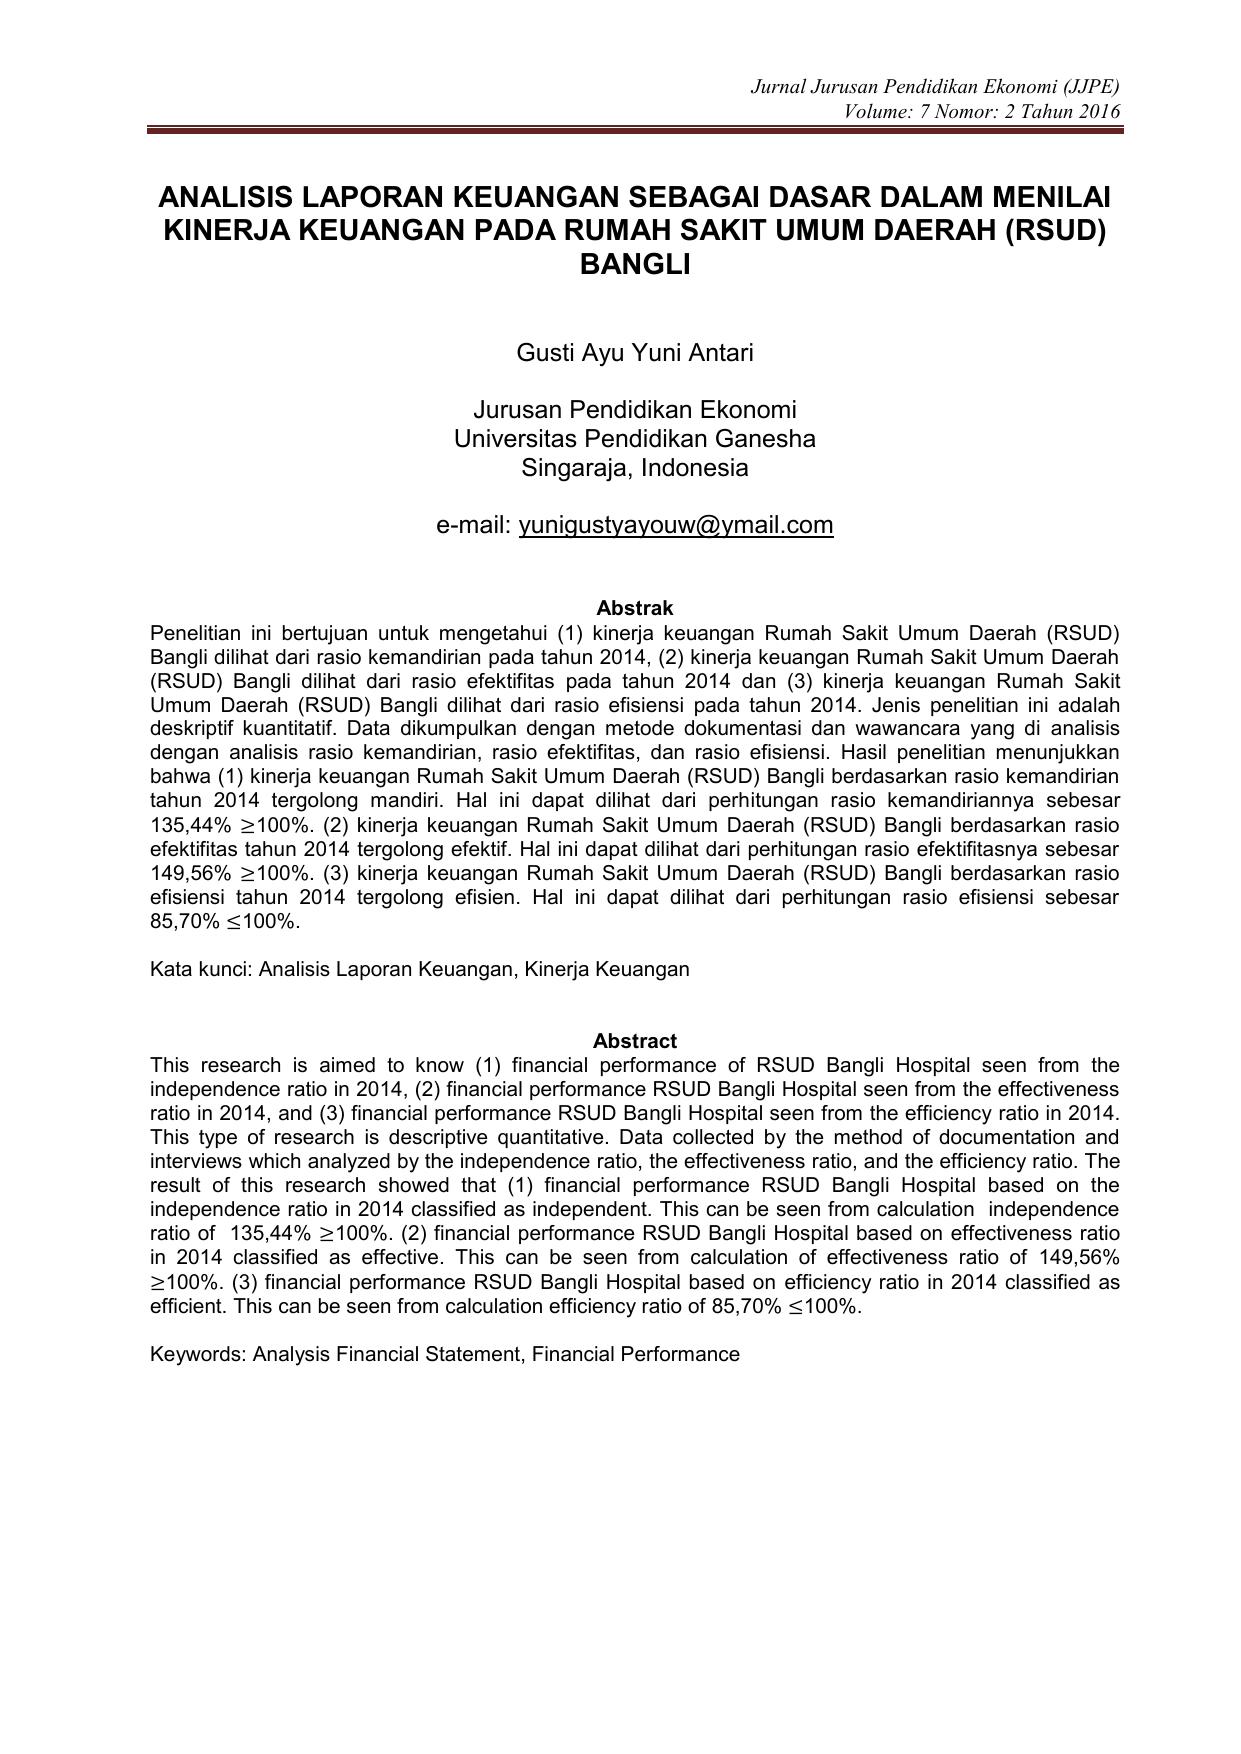 Analisis Laporan Keuangan Sebagai Dasar Dalam Menilai Kinerja